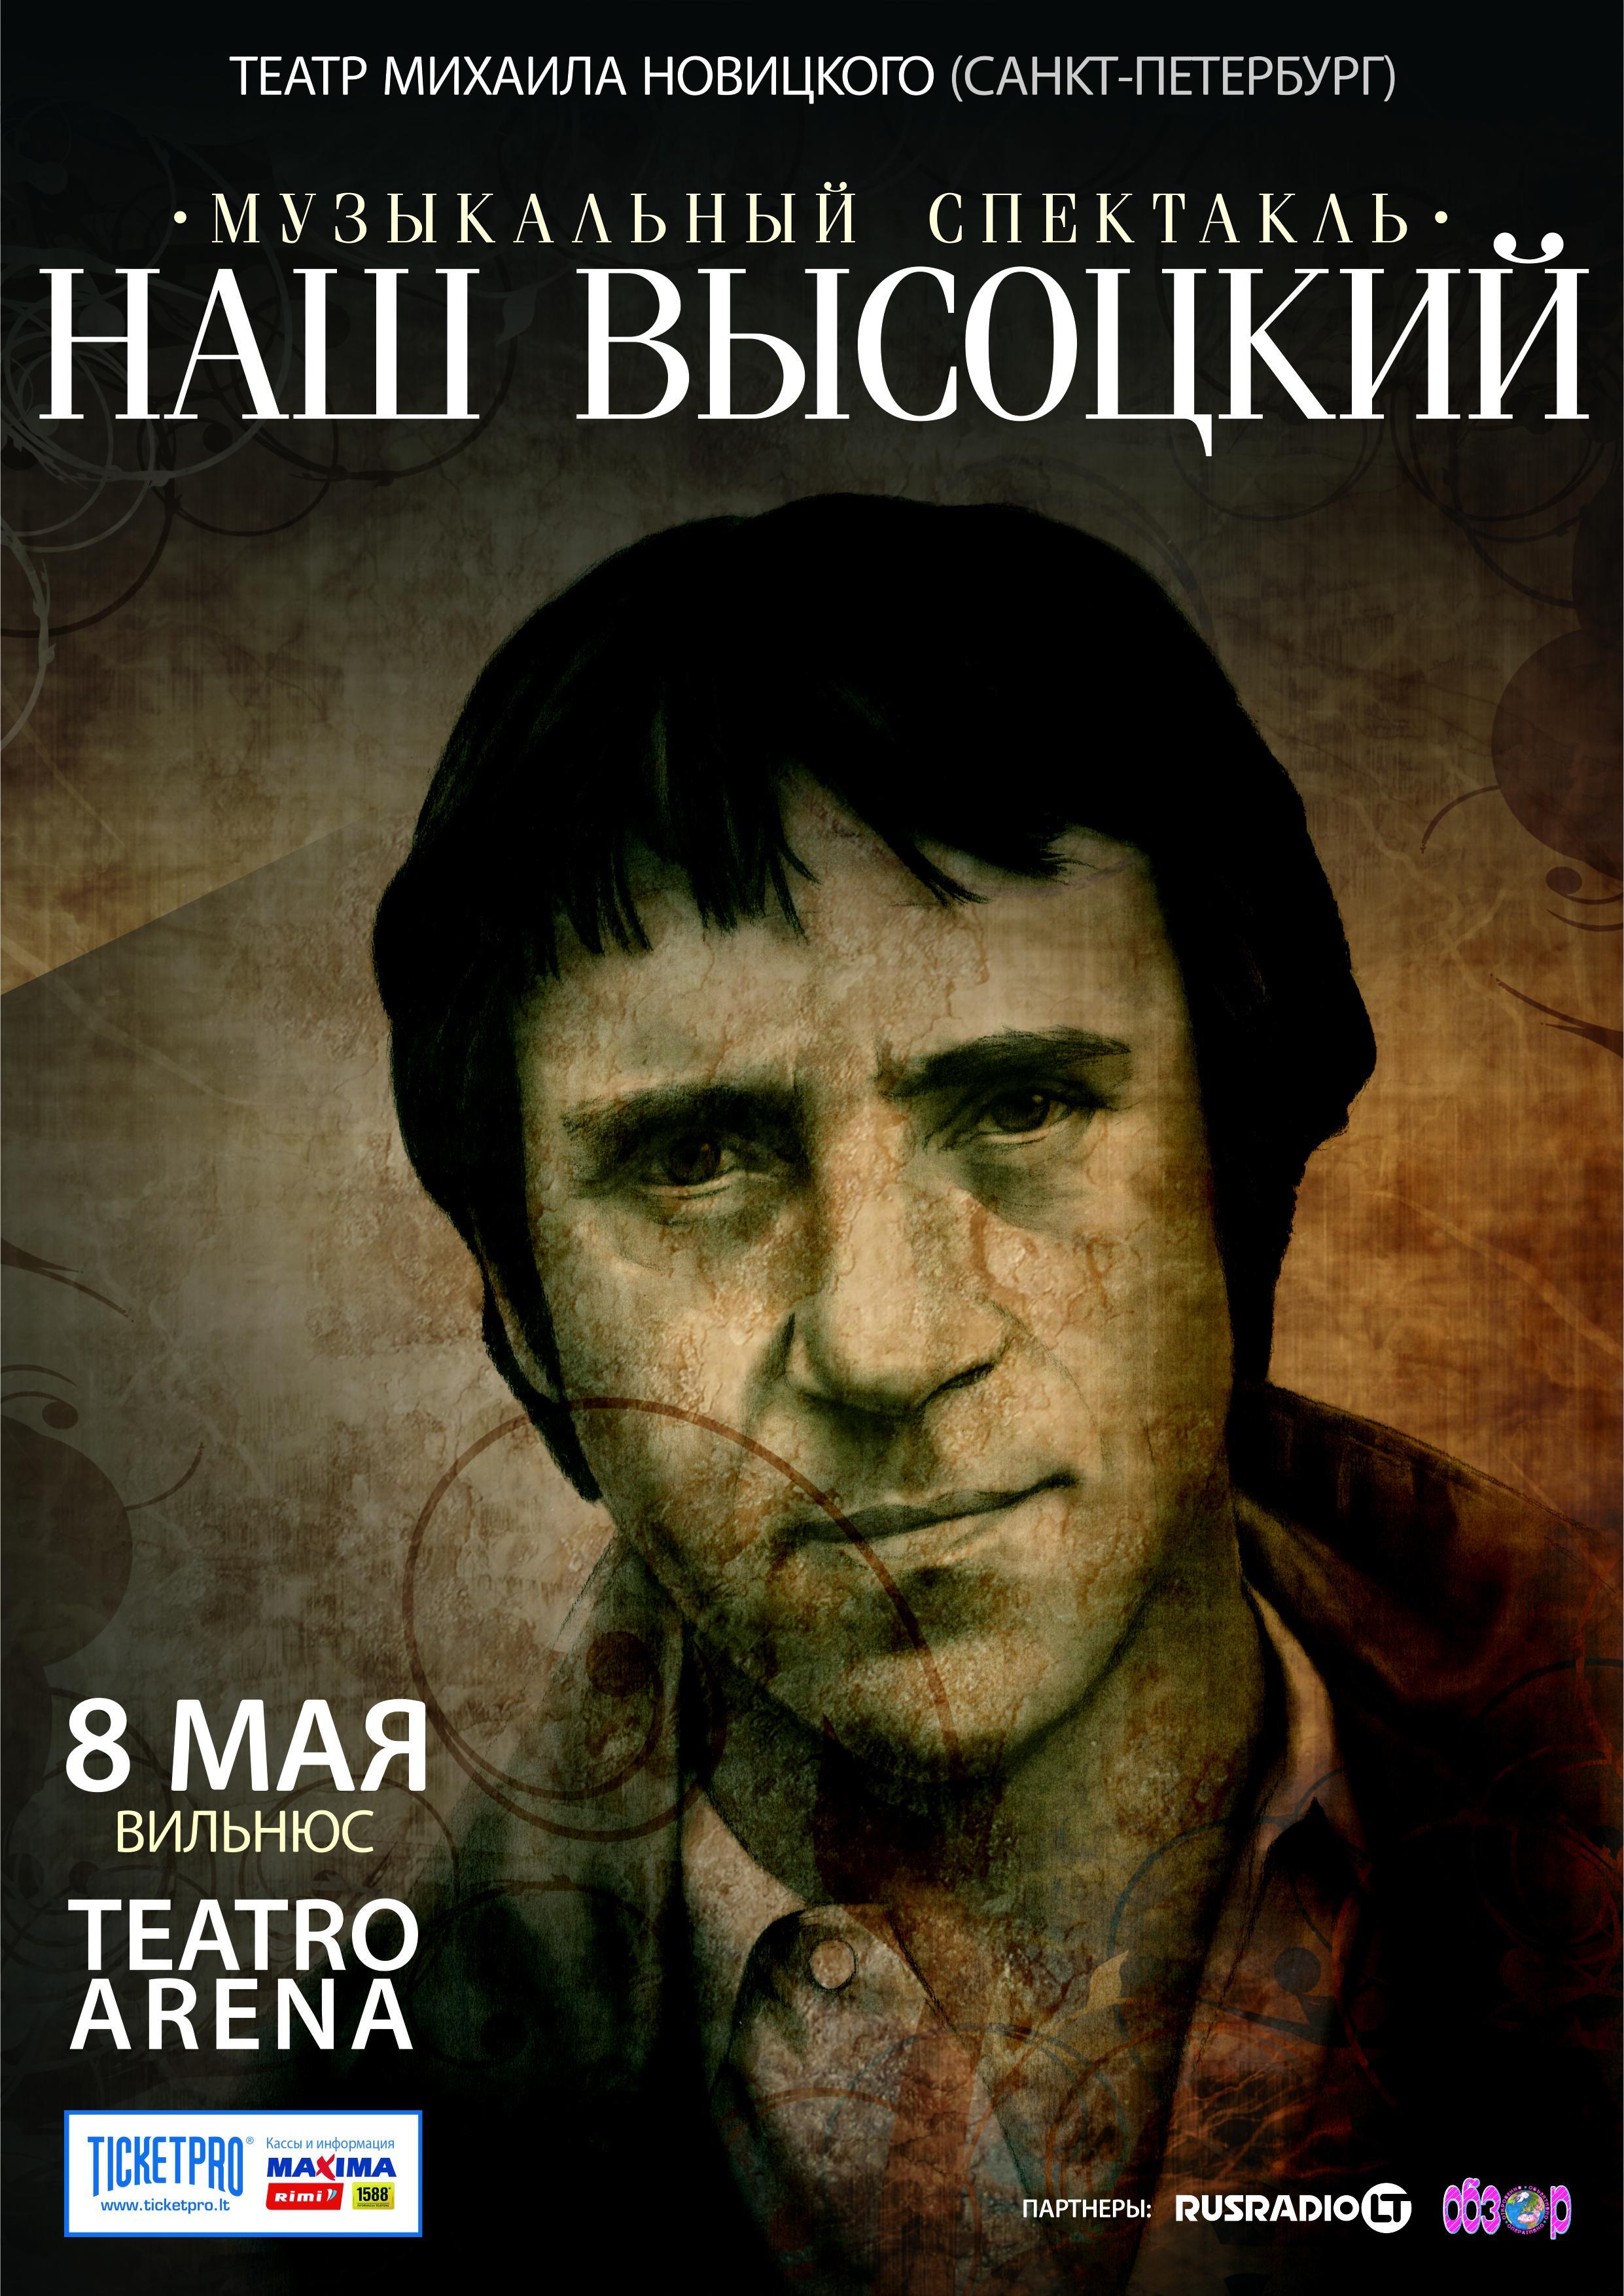 Песни и стихи В.Высоцкого прозвучат в Вильнюсе в канун Дня Победы